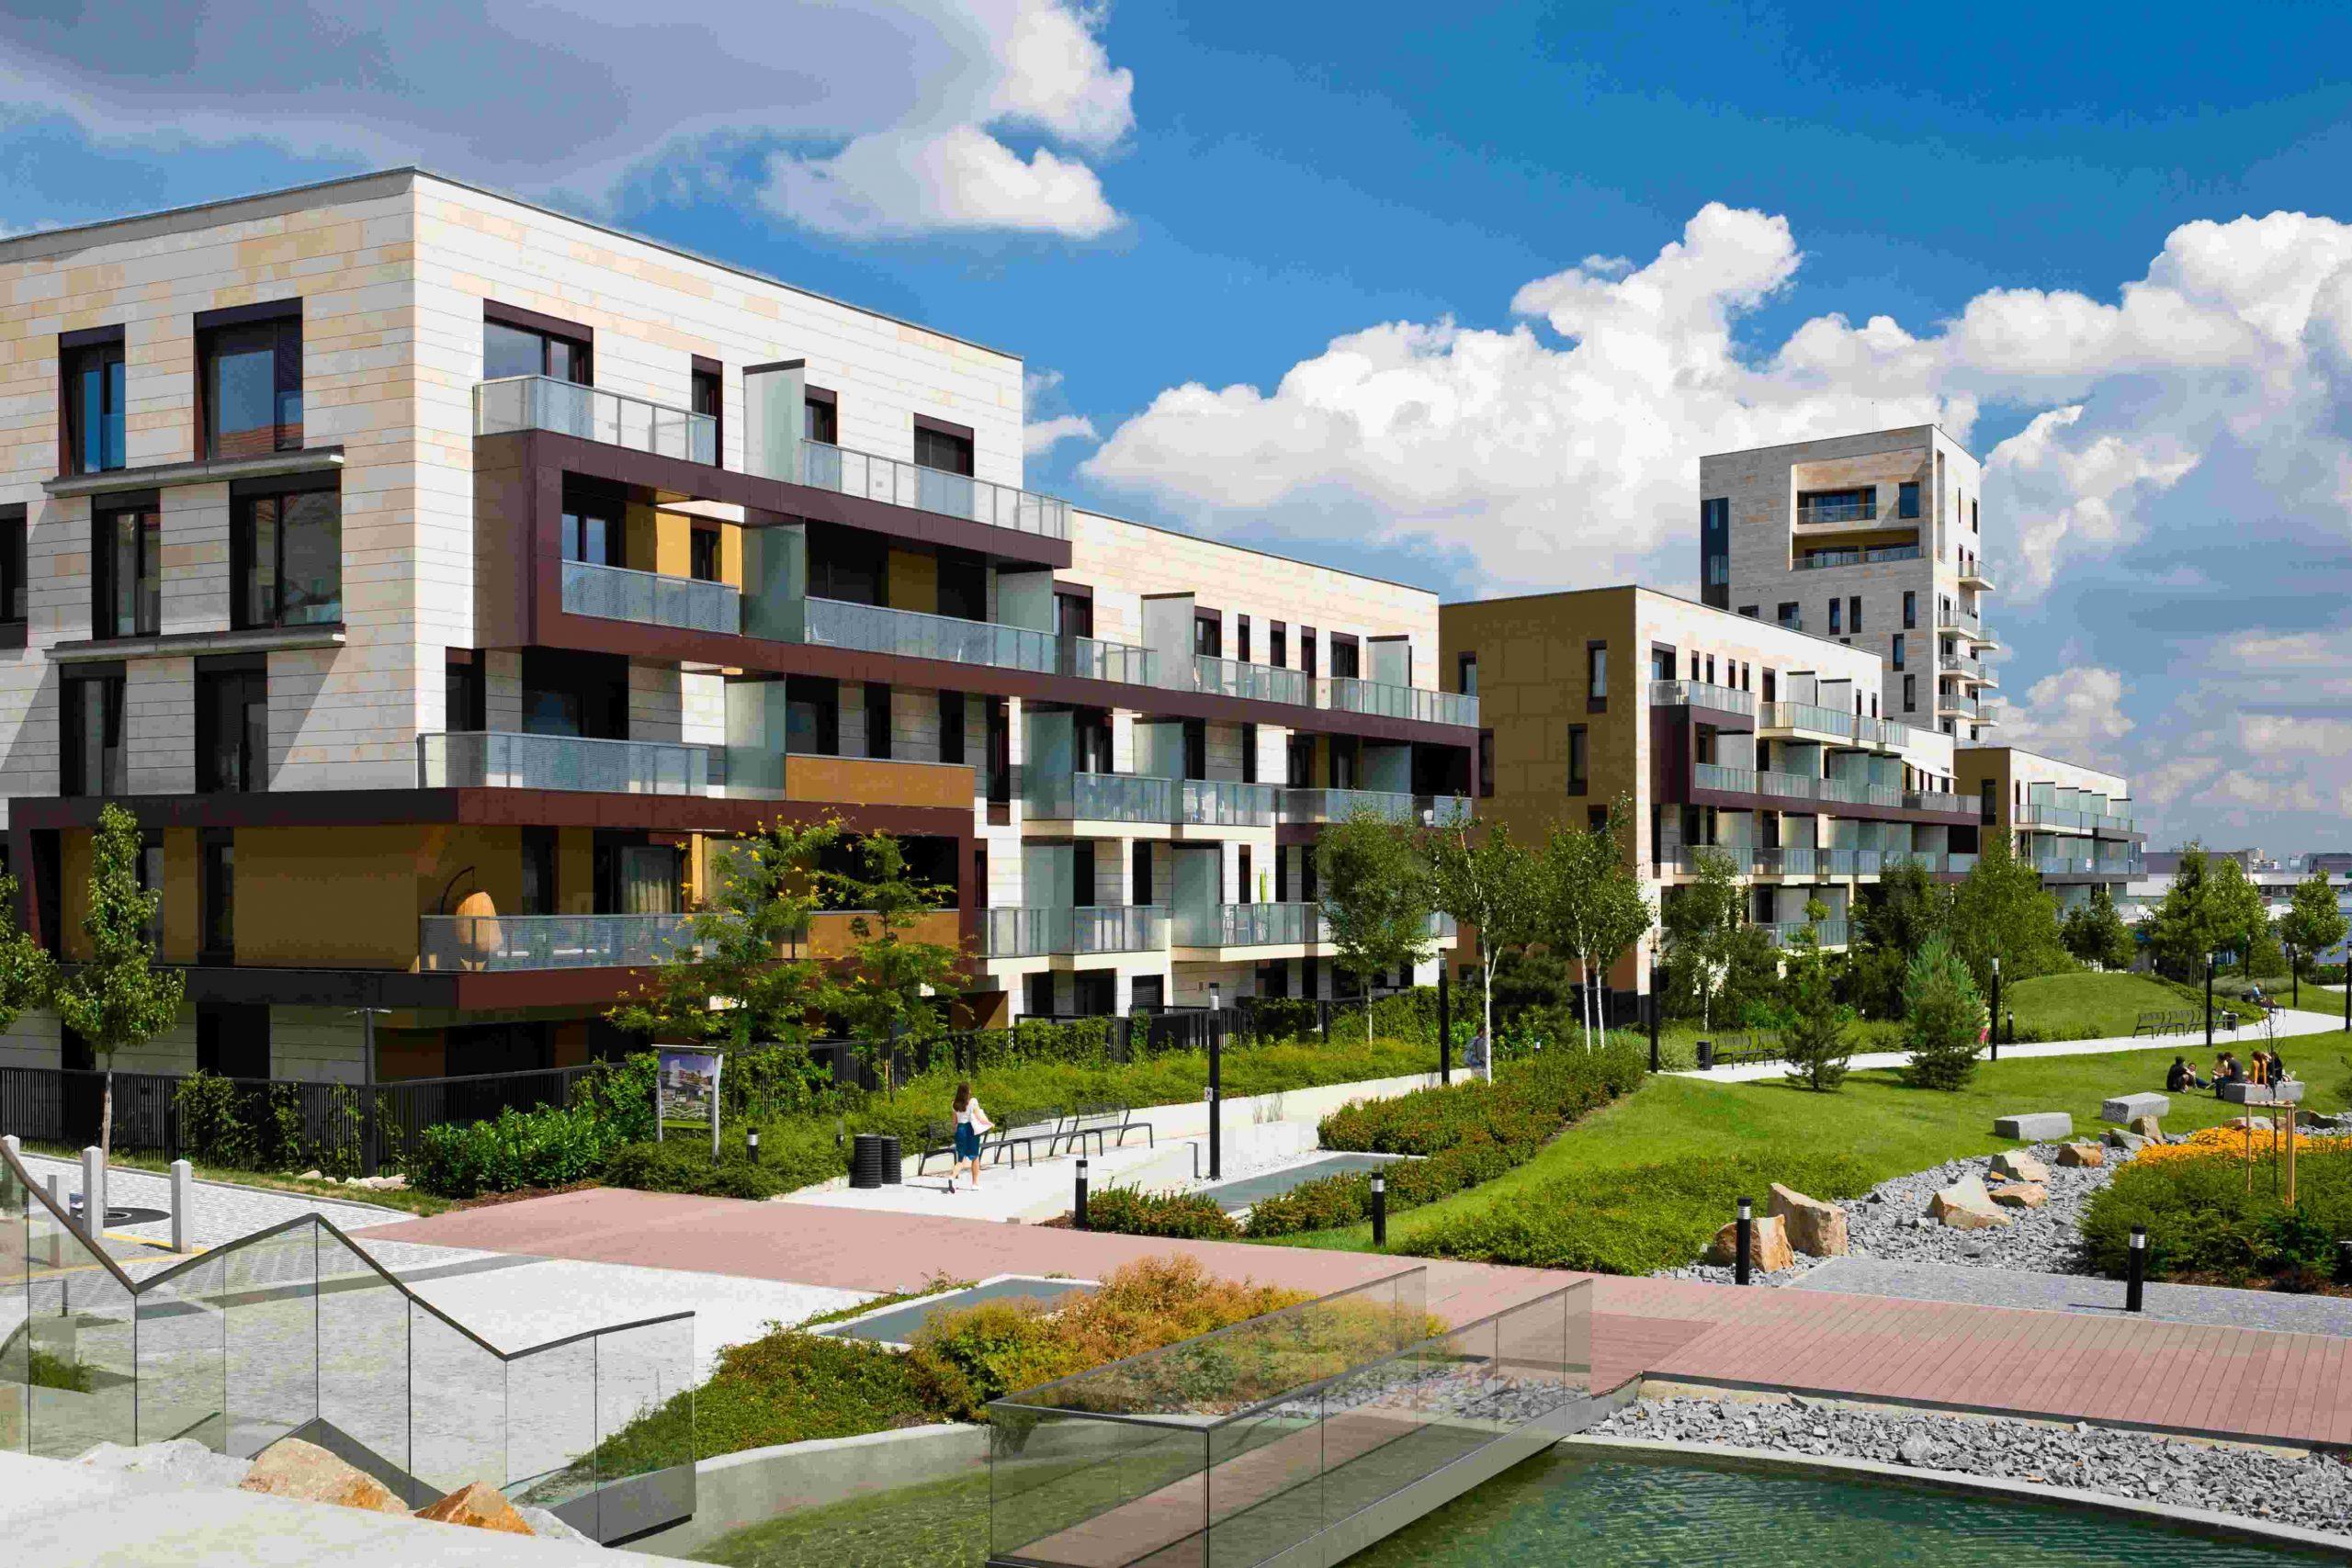 L'immobilier en Ile-de-France